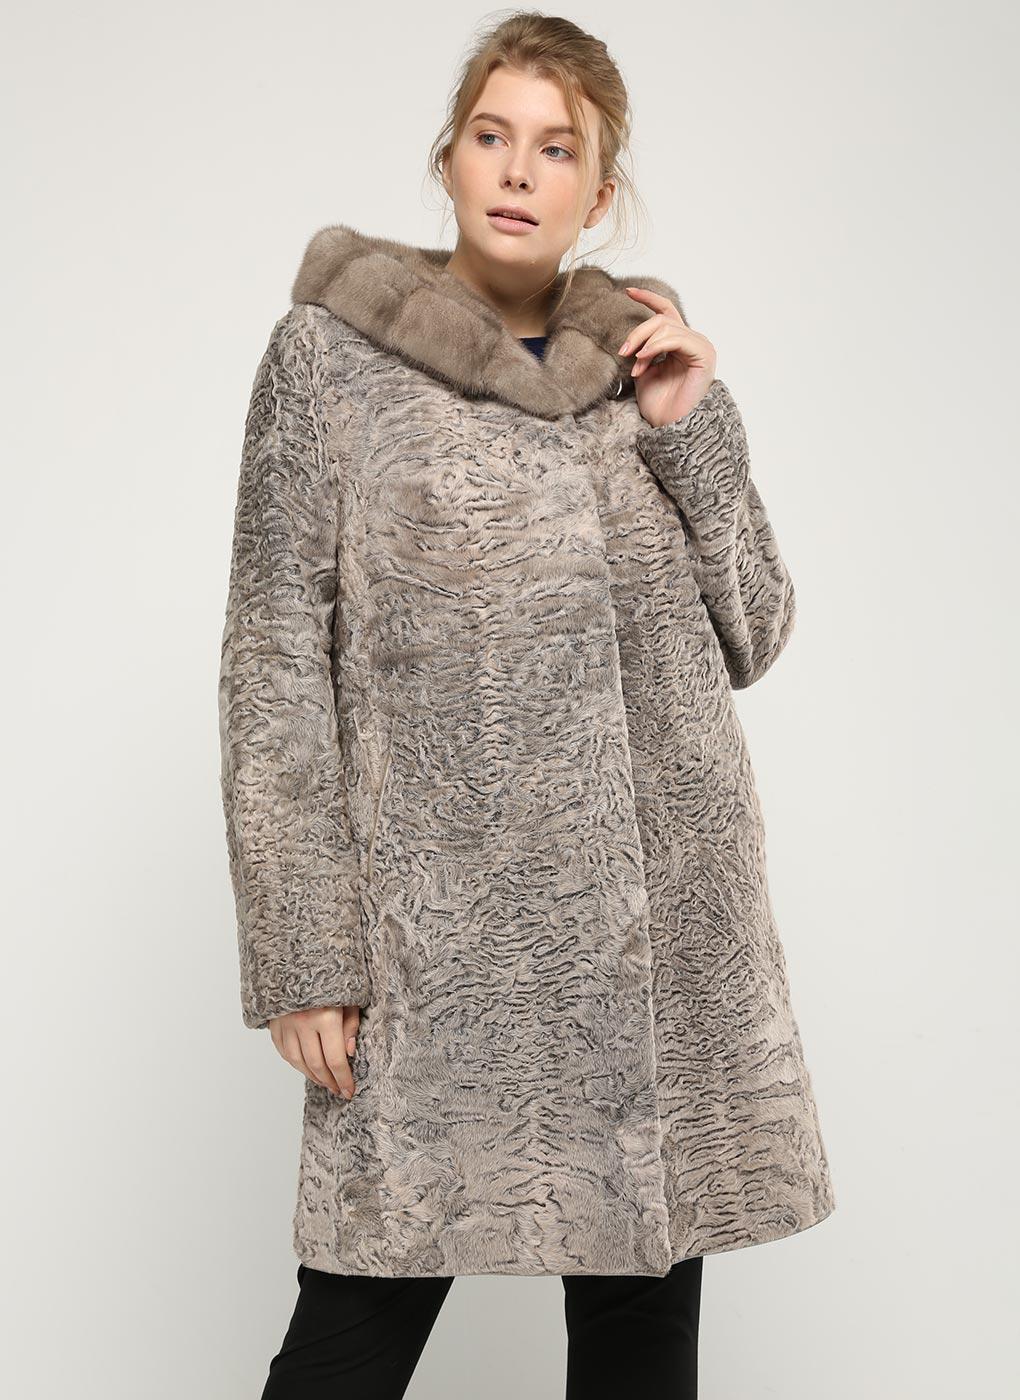 Шуба из каракуля Мелисандра 01, Panafics furs